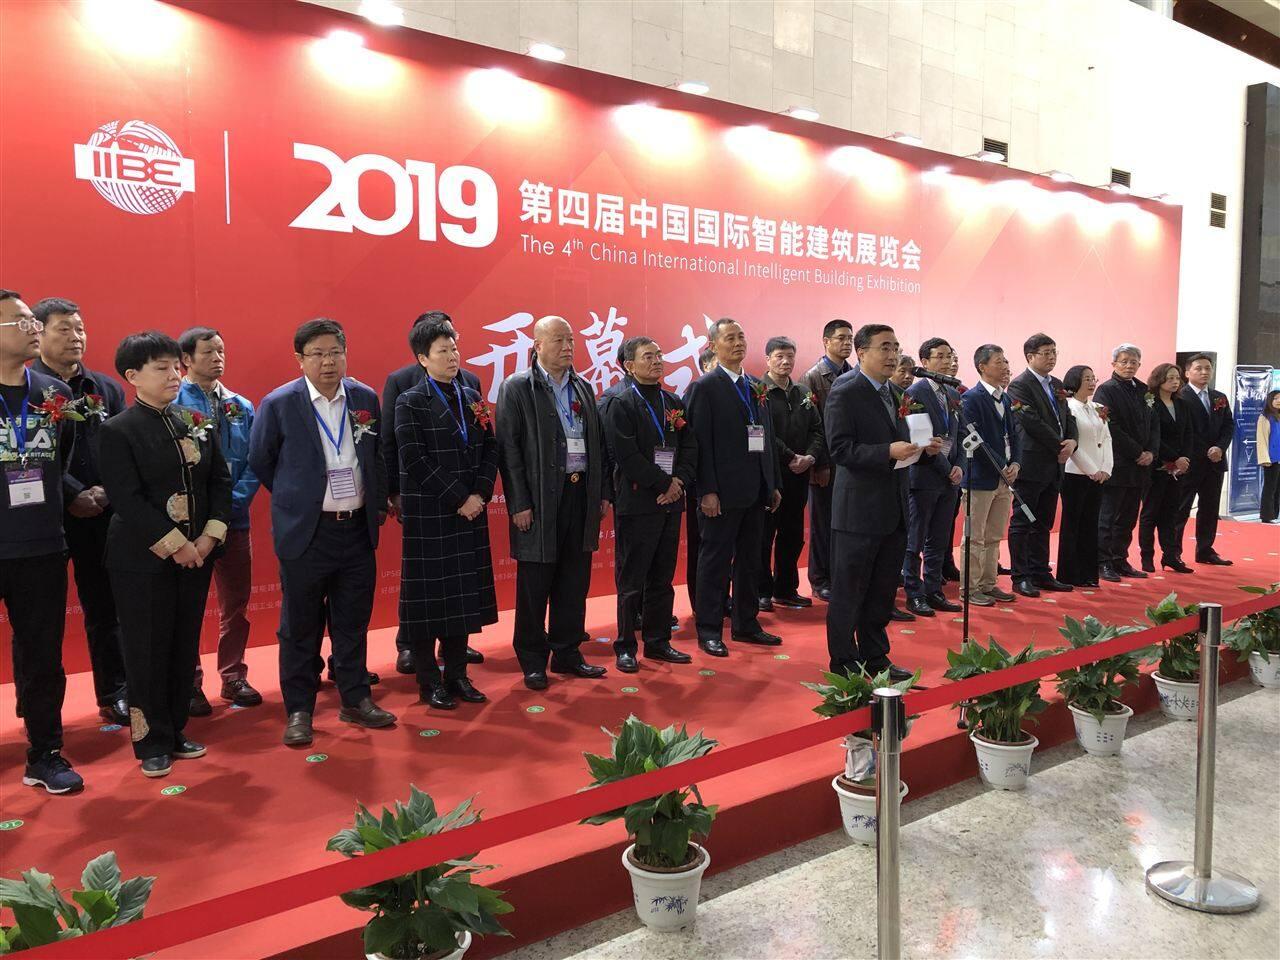 2019北京建博會搭起溝通橋梁